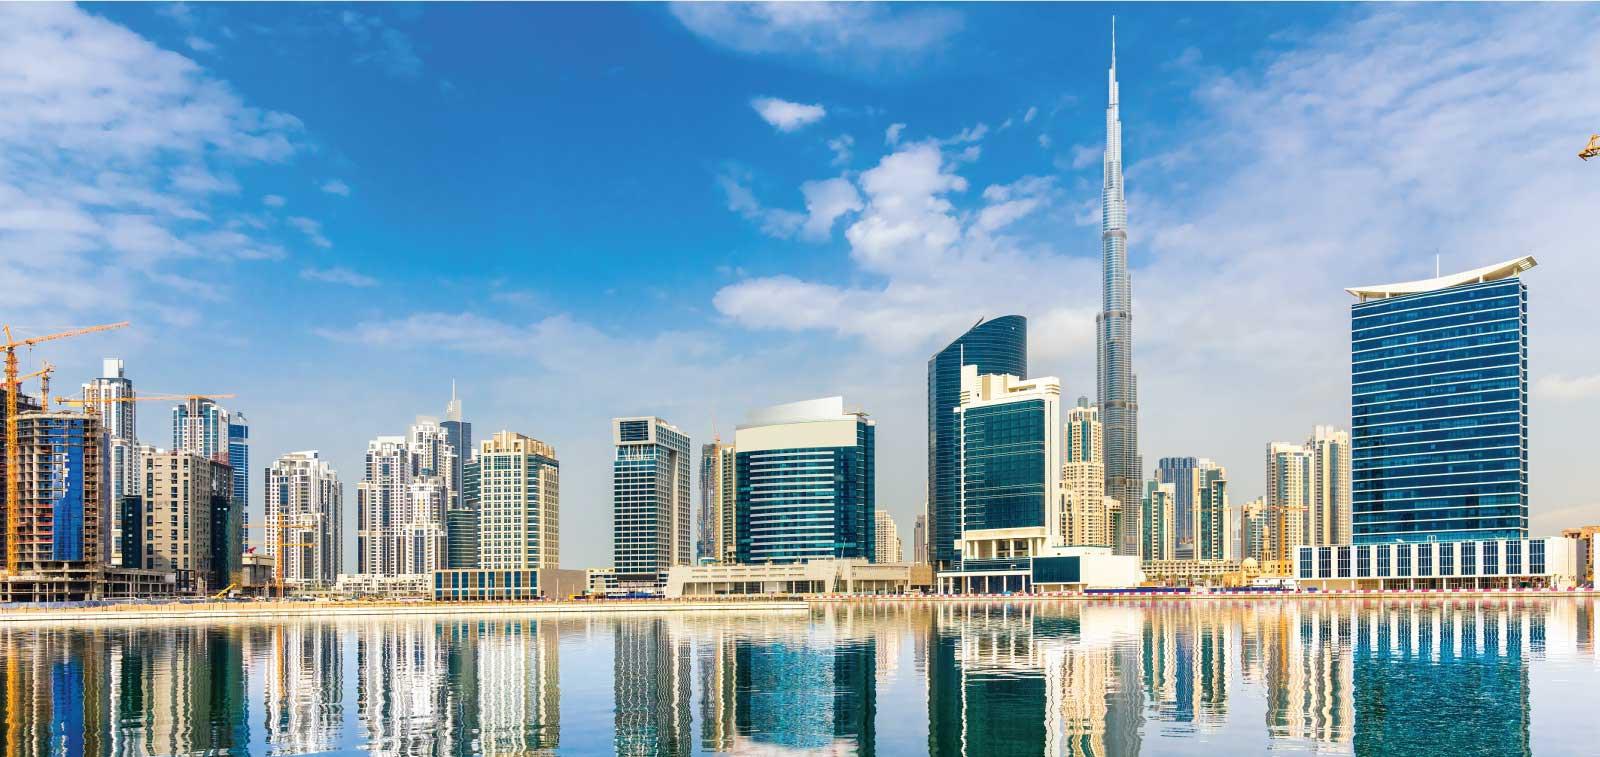 رحلات القاهرة دبي  مع ترافكو هوليدايز